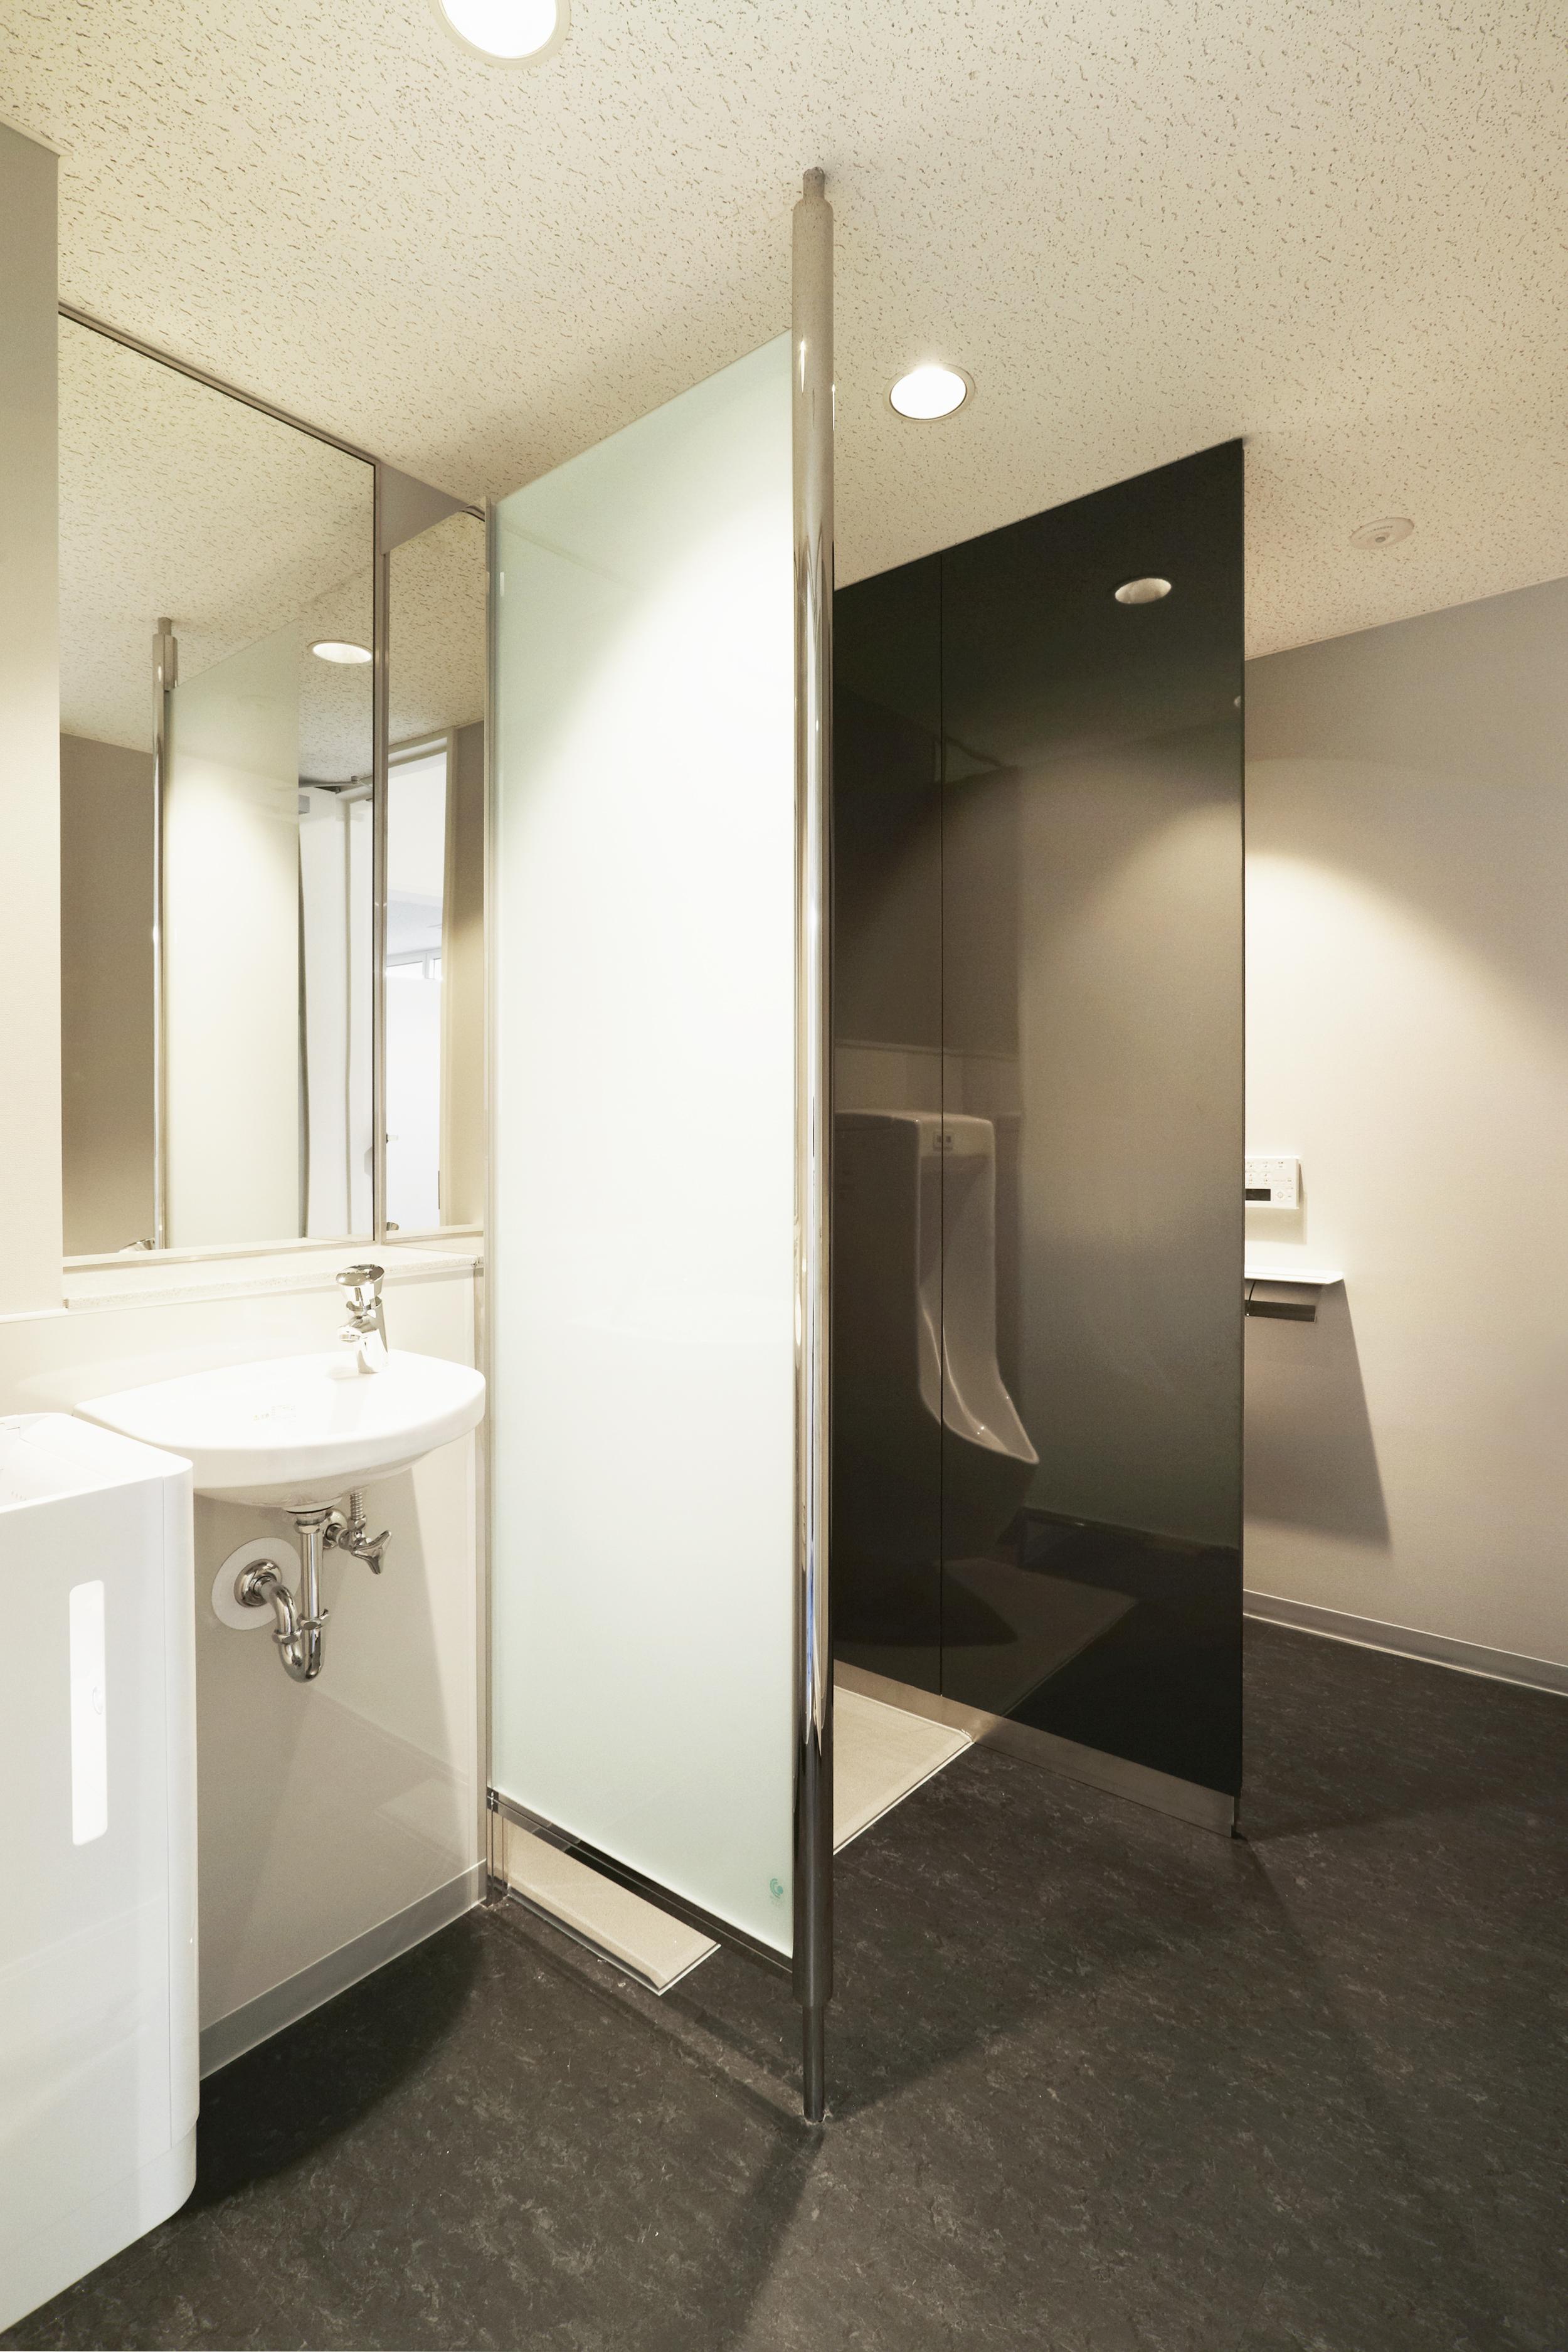 012.紳士用トイレ2.jpg